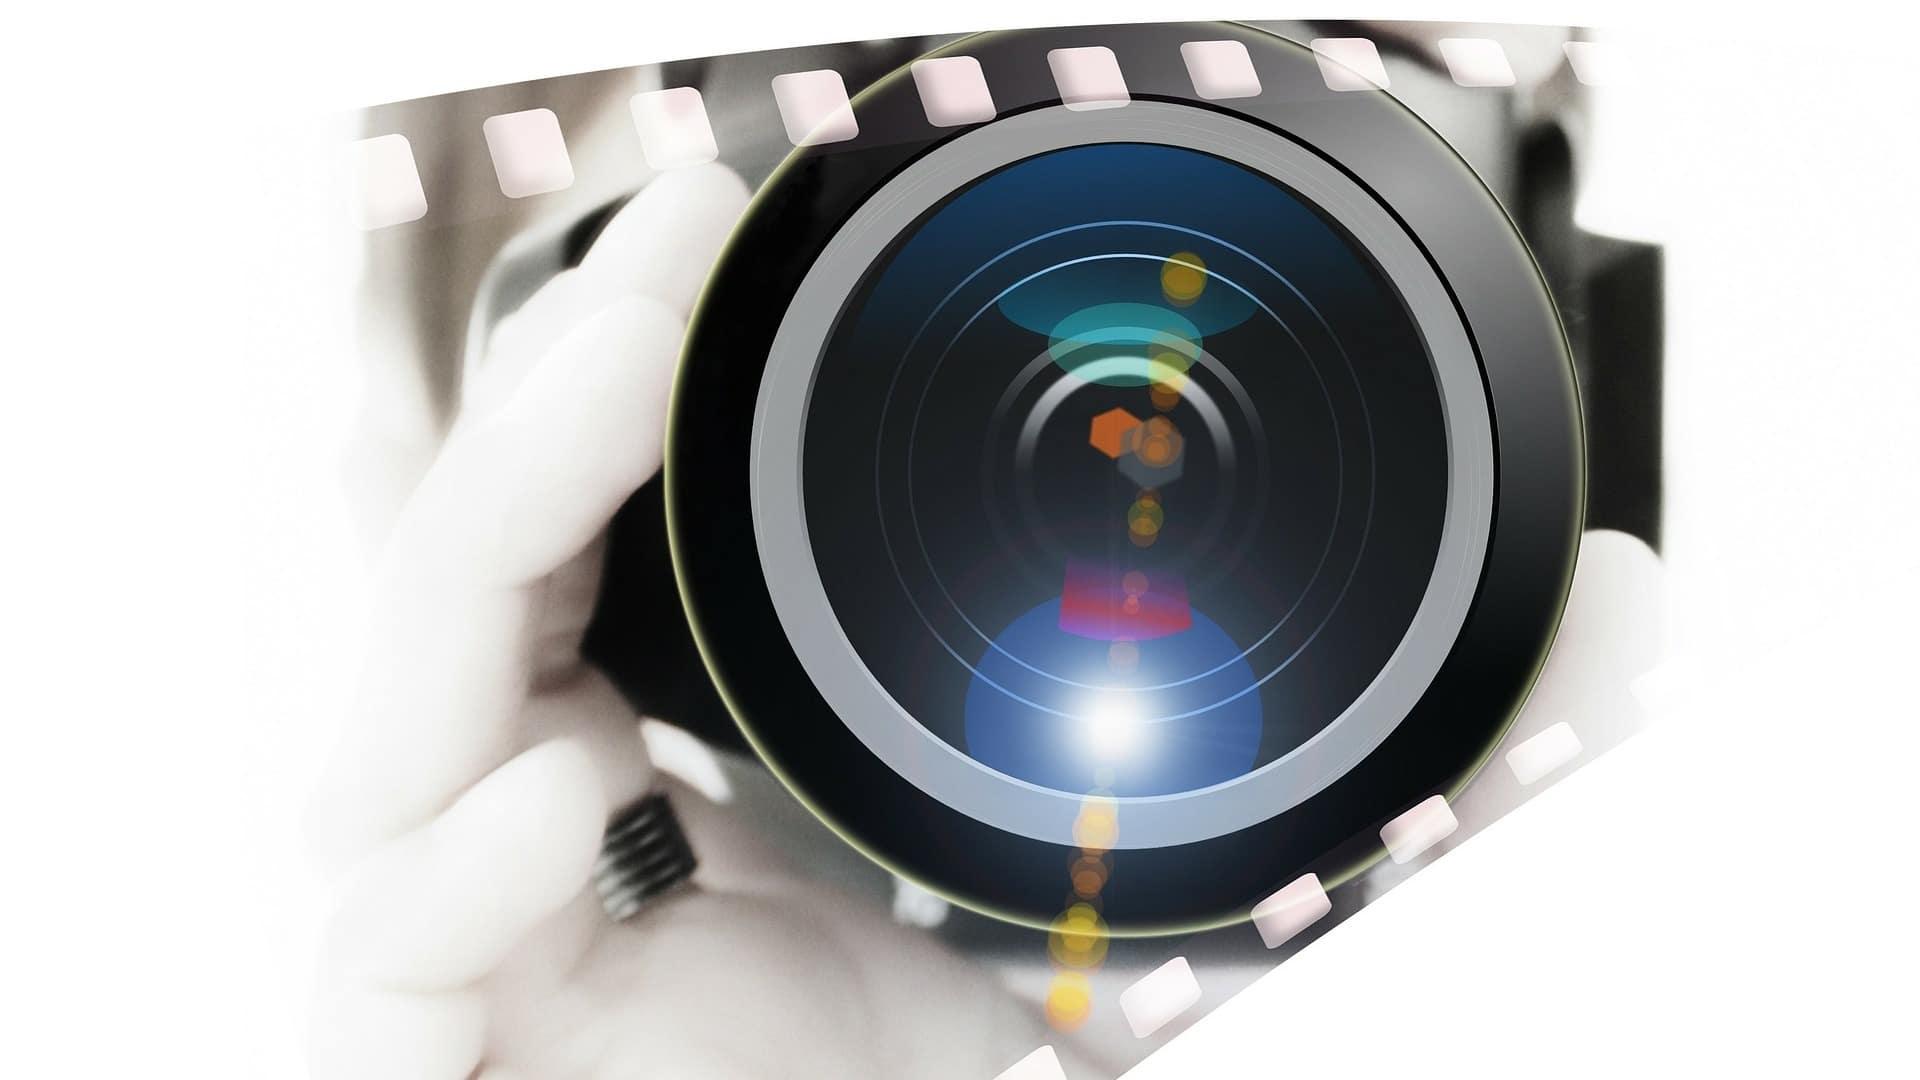 Caméra VLOG – Les meilleurs caméras et appareils photo